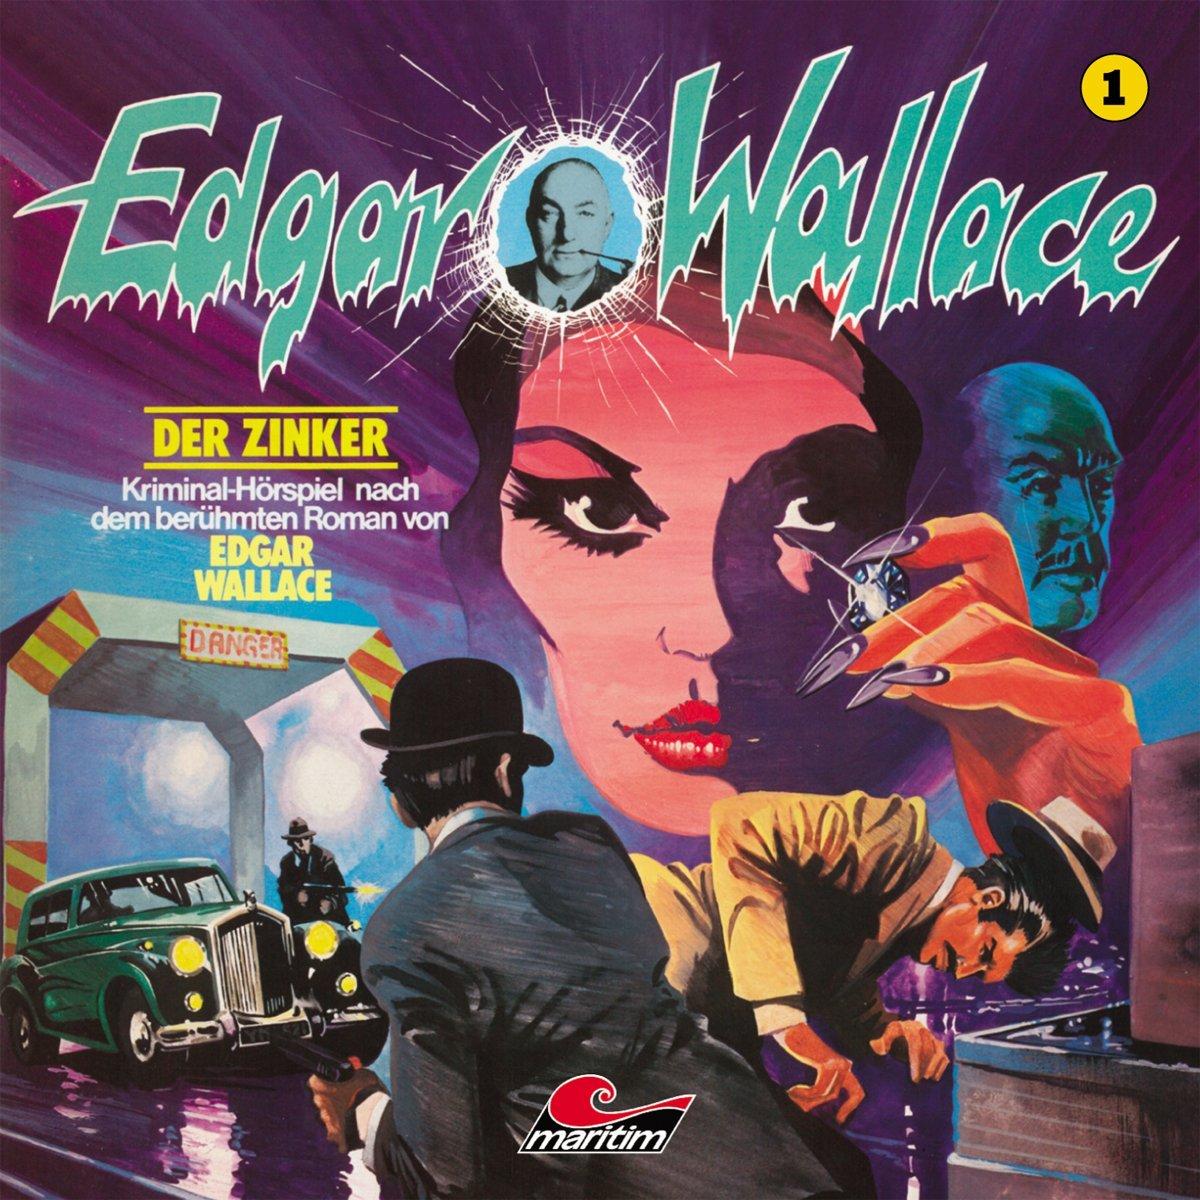 Edgar Wallace (1) Der Zinker - Maritim 198? / 2016